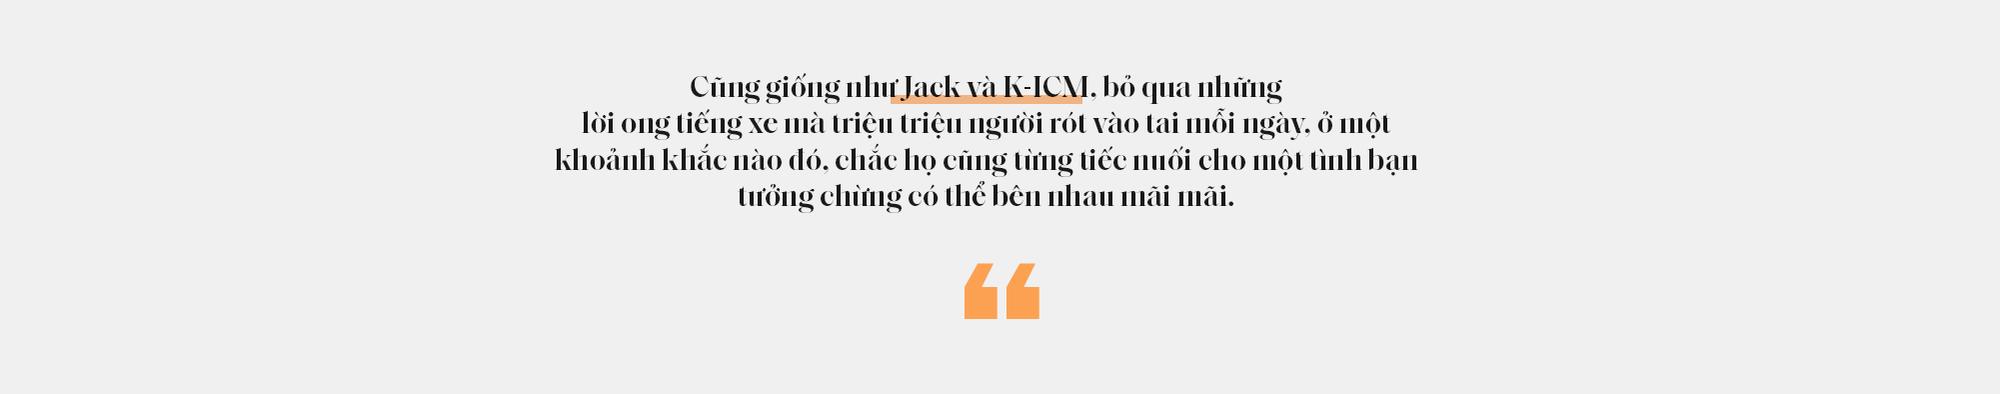 Từ buổi phỏng vấn chưa từng lên sóng của Jack & K-ICM: Trên đời này, thứ duy nhất không bao giờ thay đổi chính là sự thay đổi! - Ảnh 6.